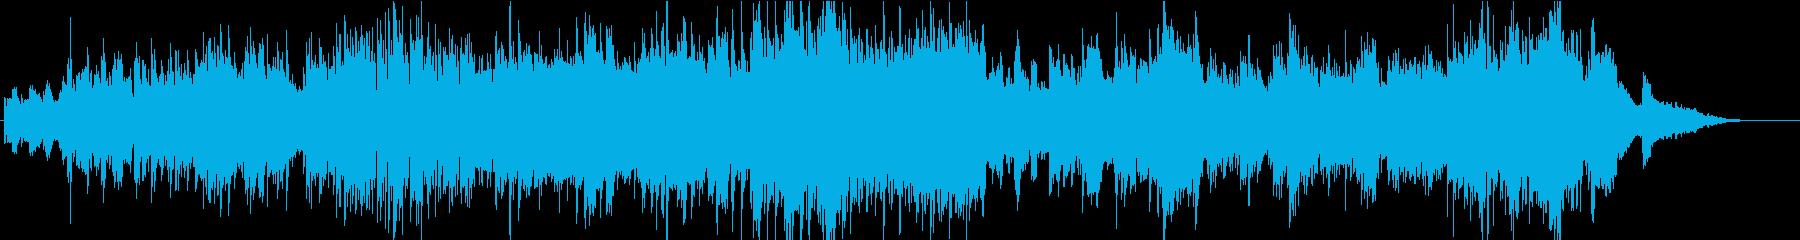 ピアノをメインとした忙しい日常の曲の再生済みの波形